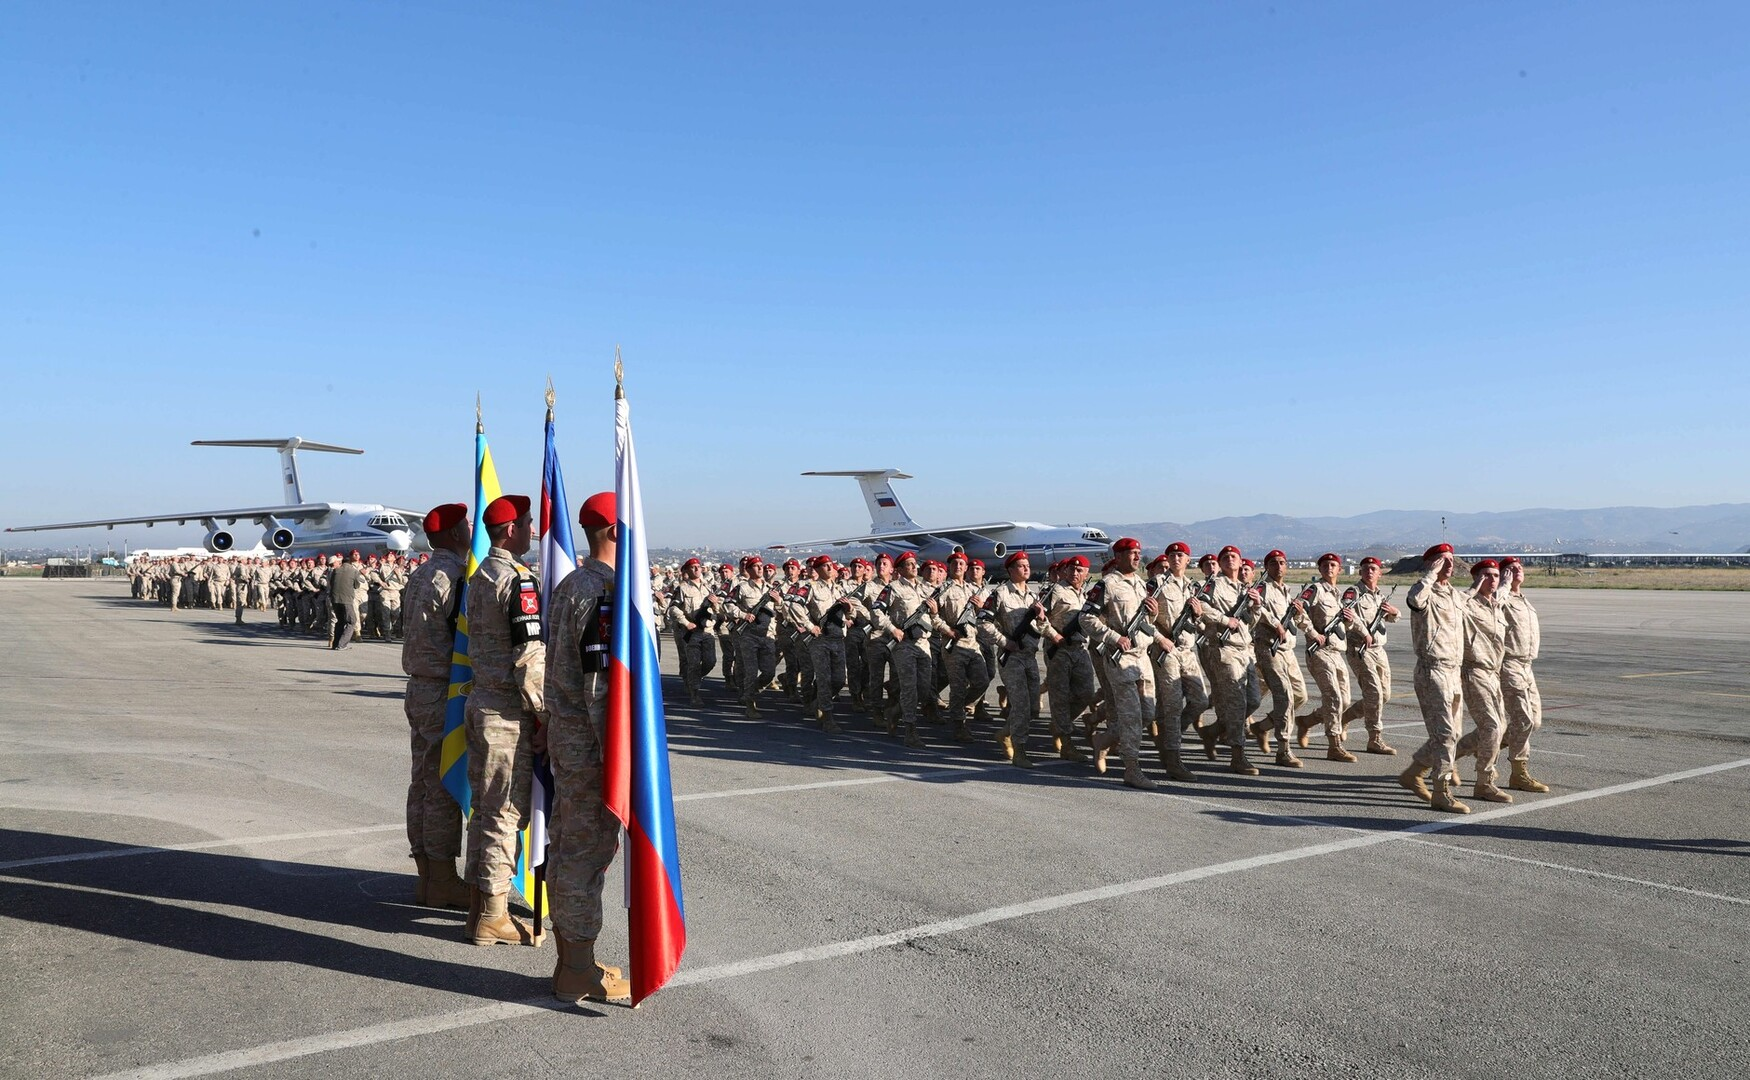 شويغو يكشف عن تفاصيل التحضير للعملية العسكرية الروسية في سوريا ودحر